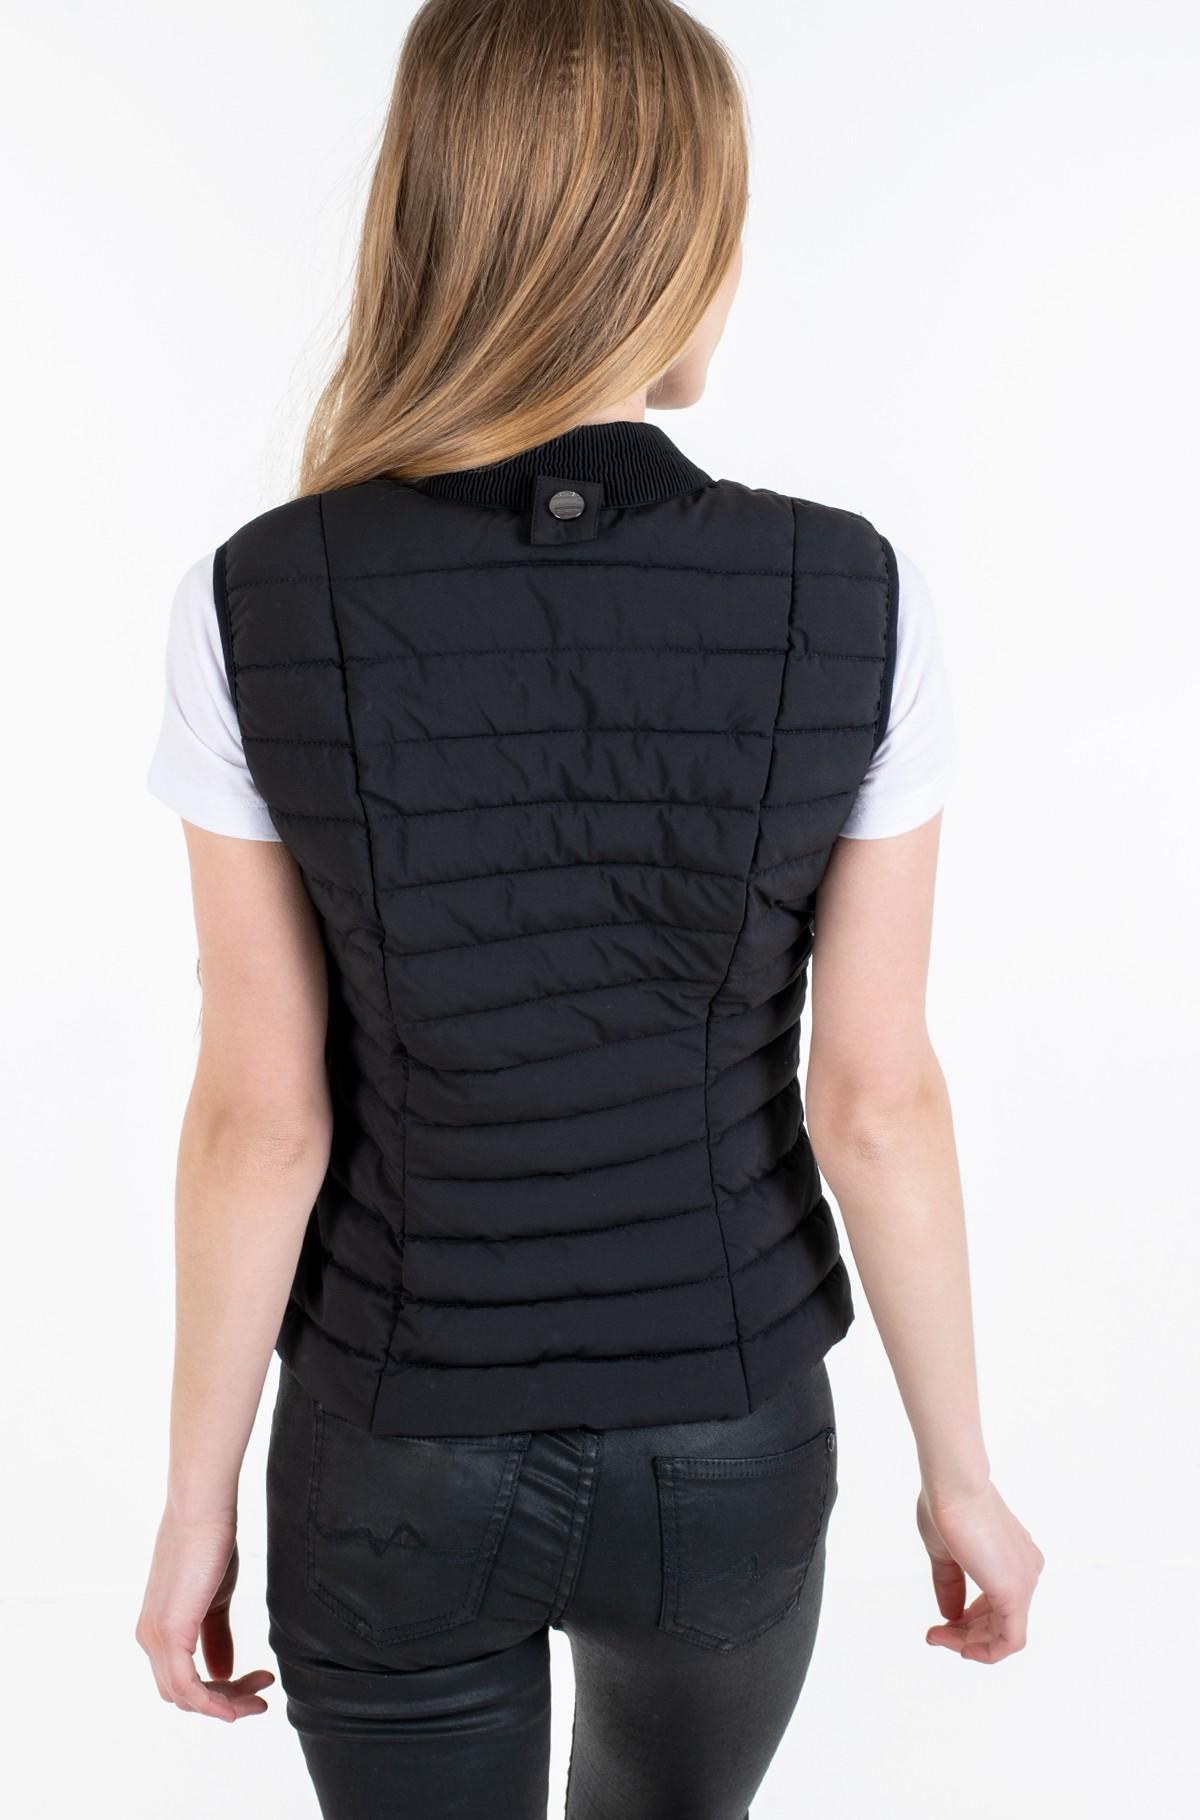 Jope/Vest W01L56 WCL40-full-4